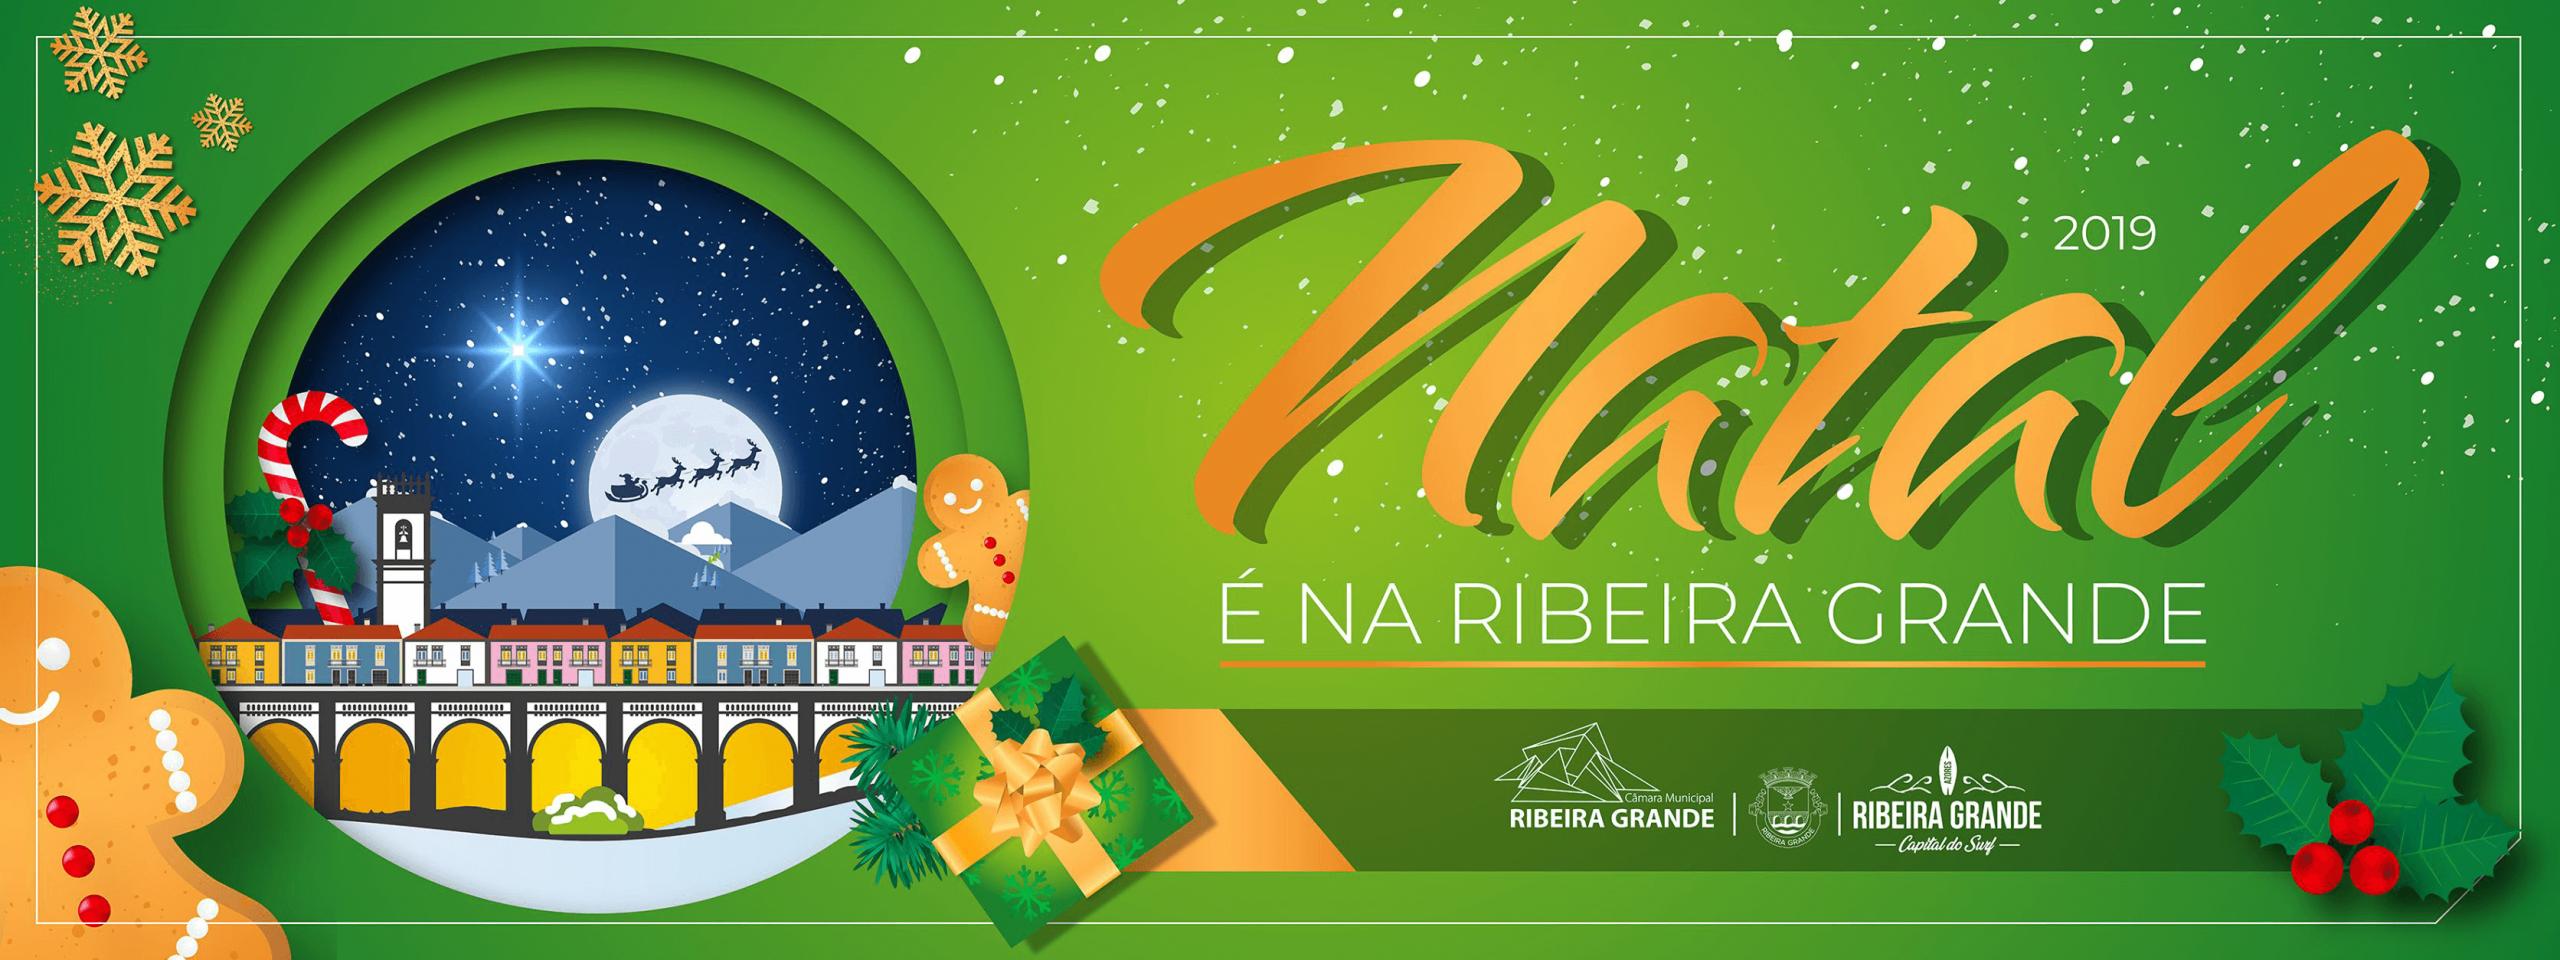 Ano Novo é na Ribeira Grande 2019